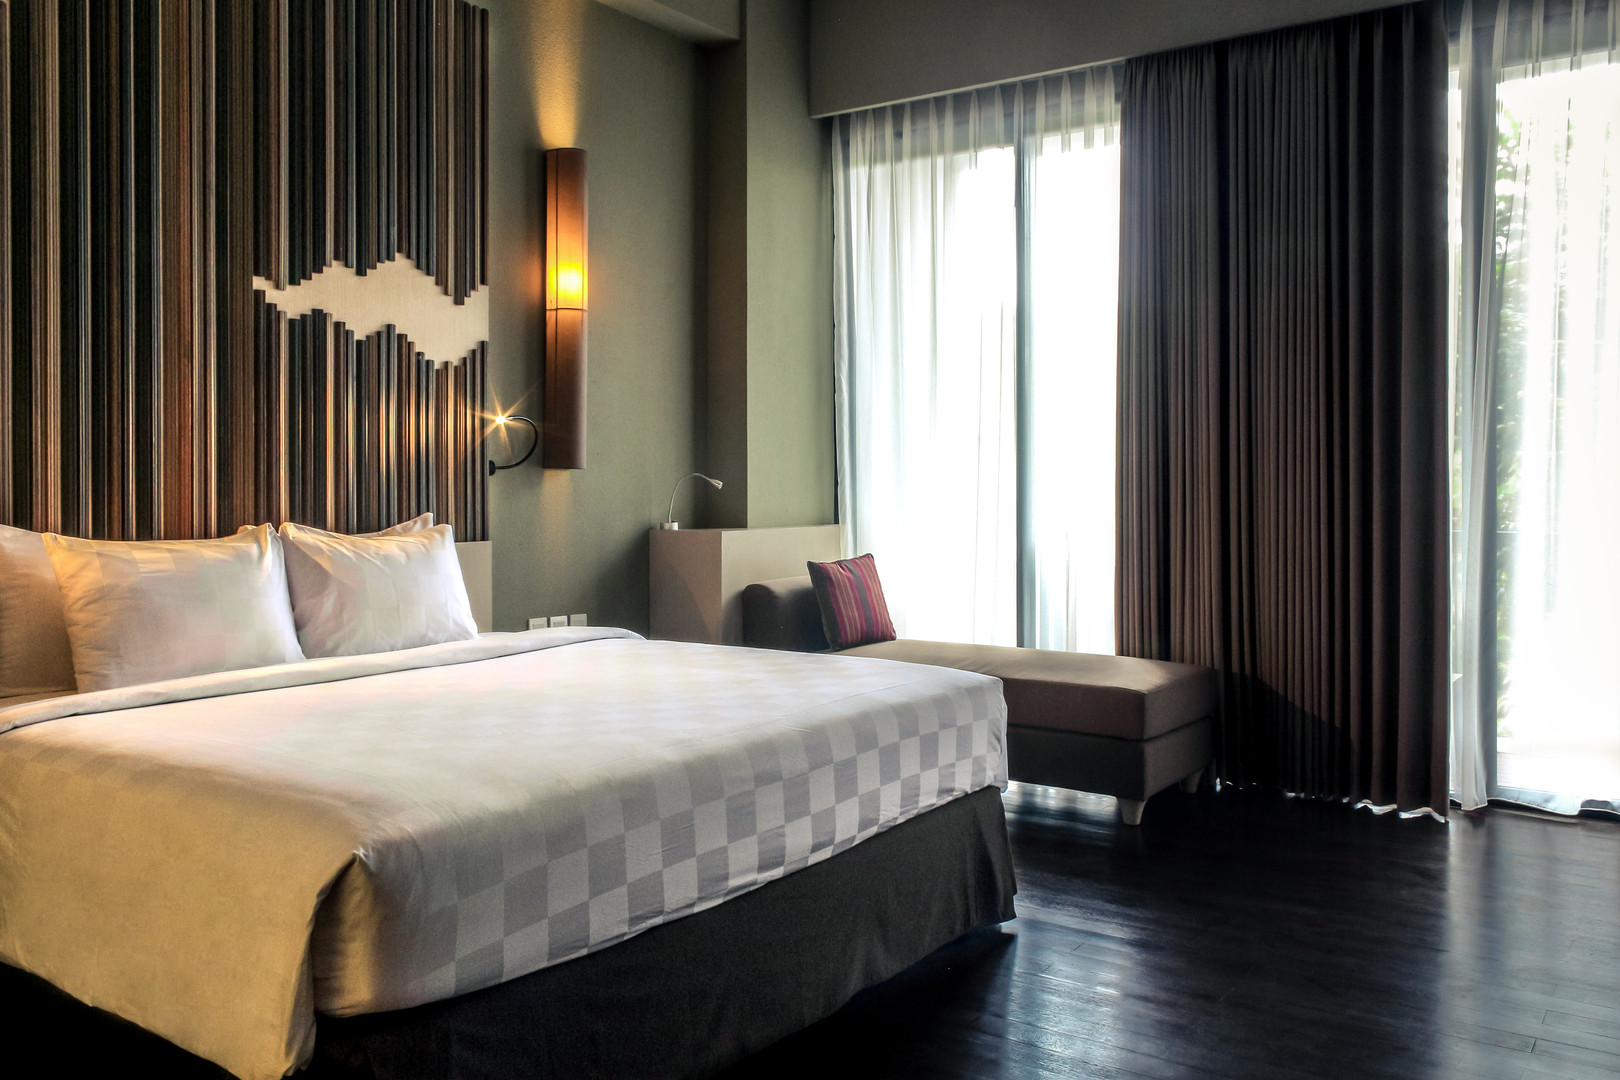 2. Deluxe Room Wyndham Dreamland Resort